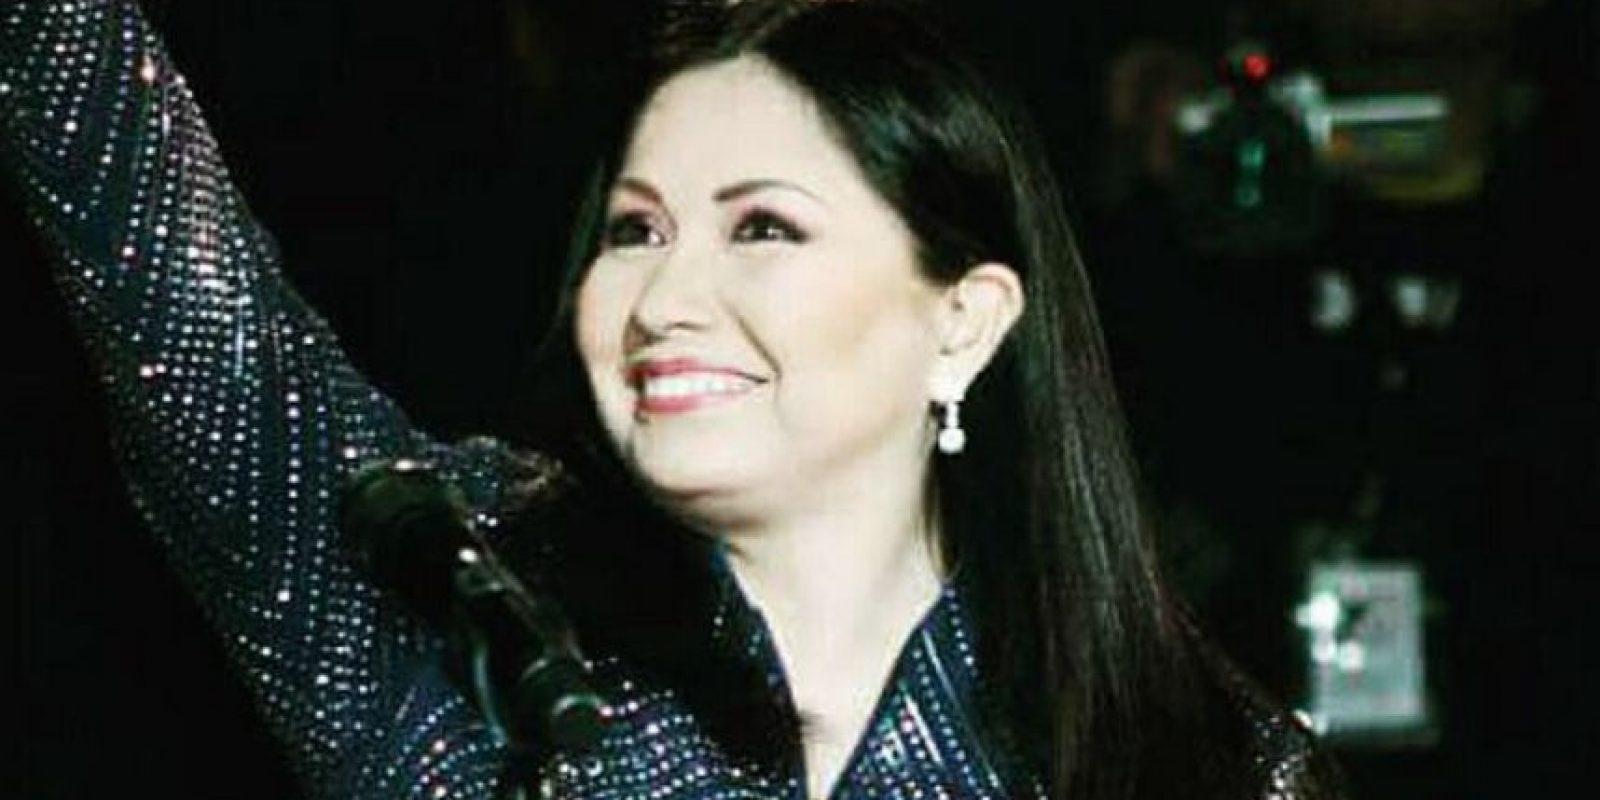 Tiene 59 años. Así se ve ahora la cantante mexicana. Foto:Vía instagram.com/anagabrieloficial/